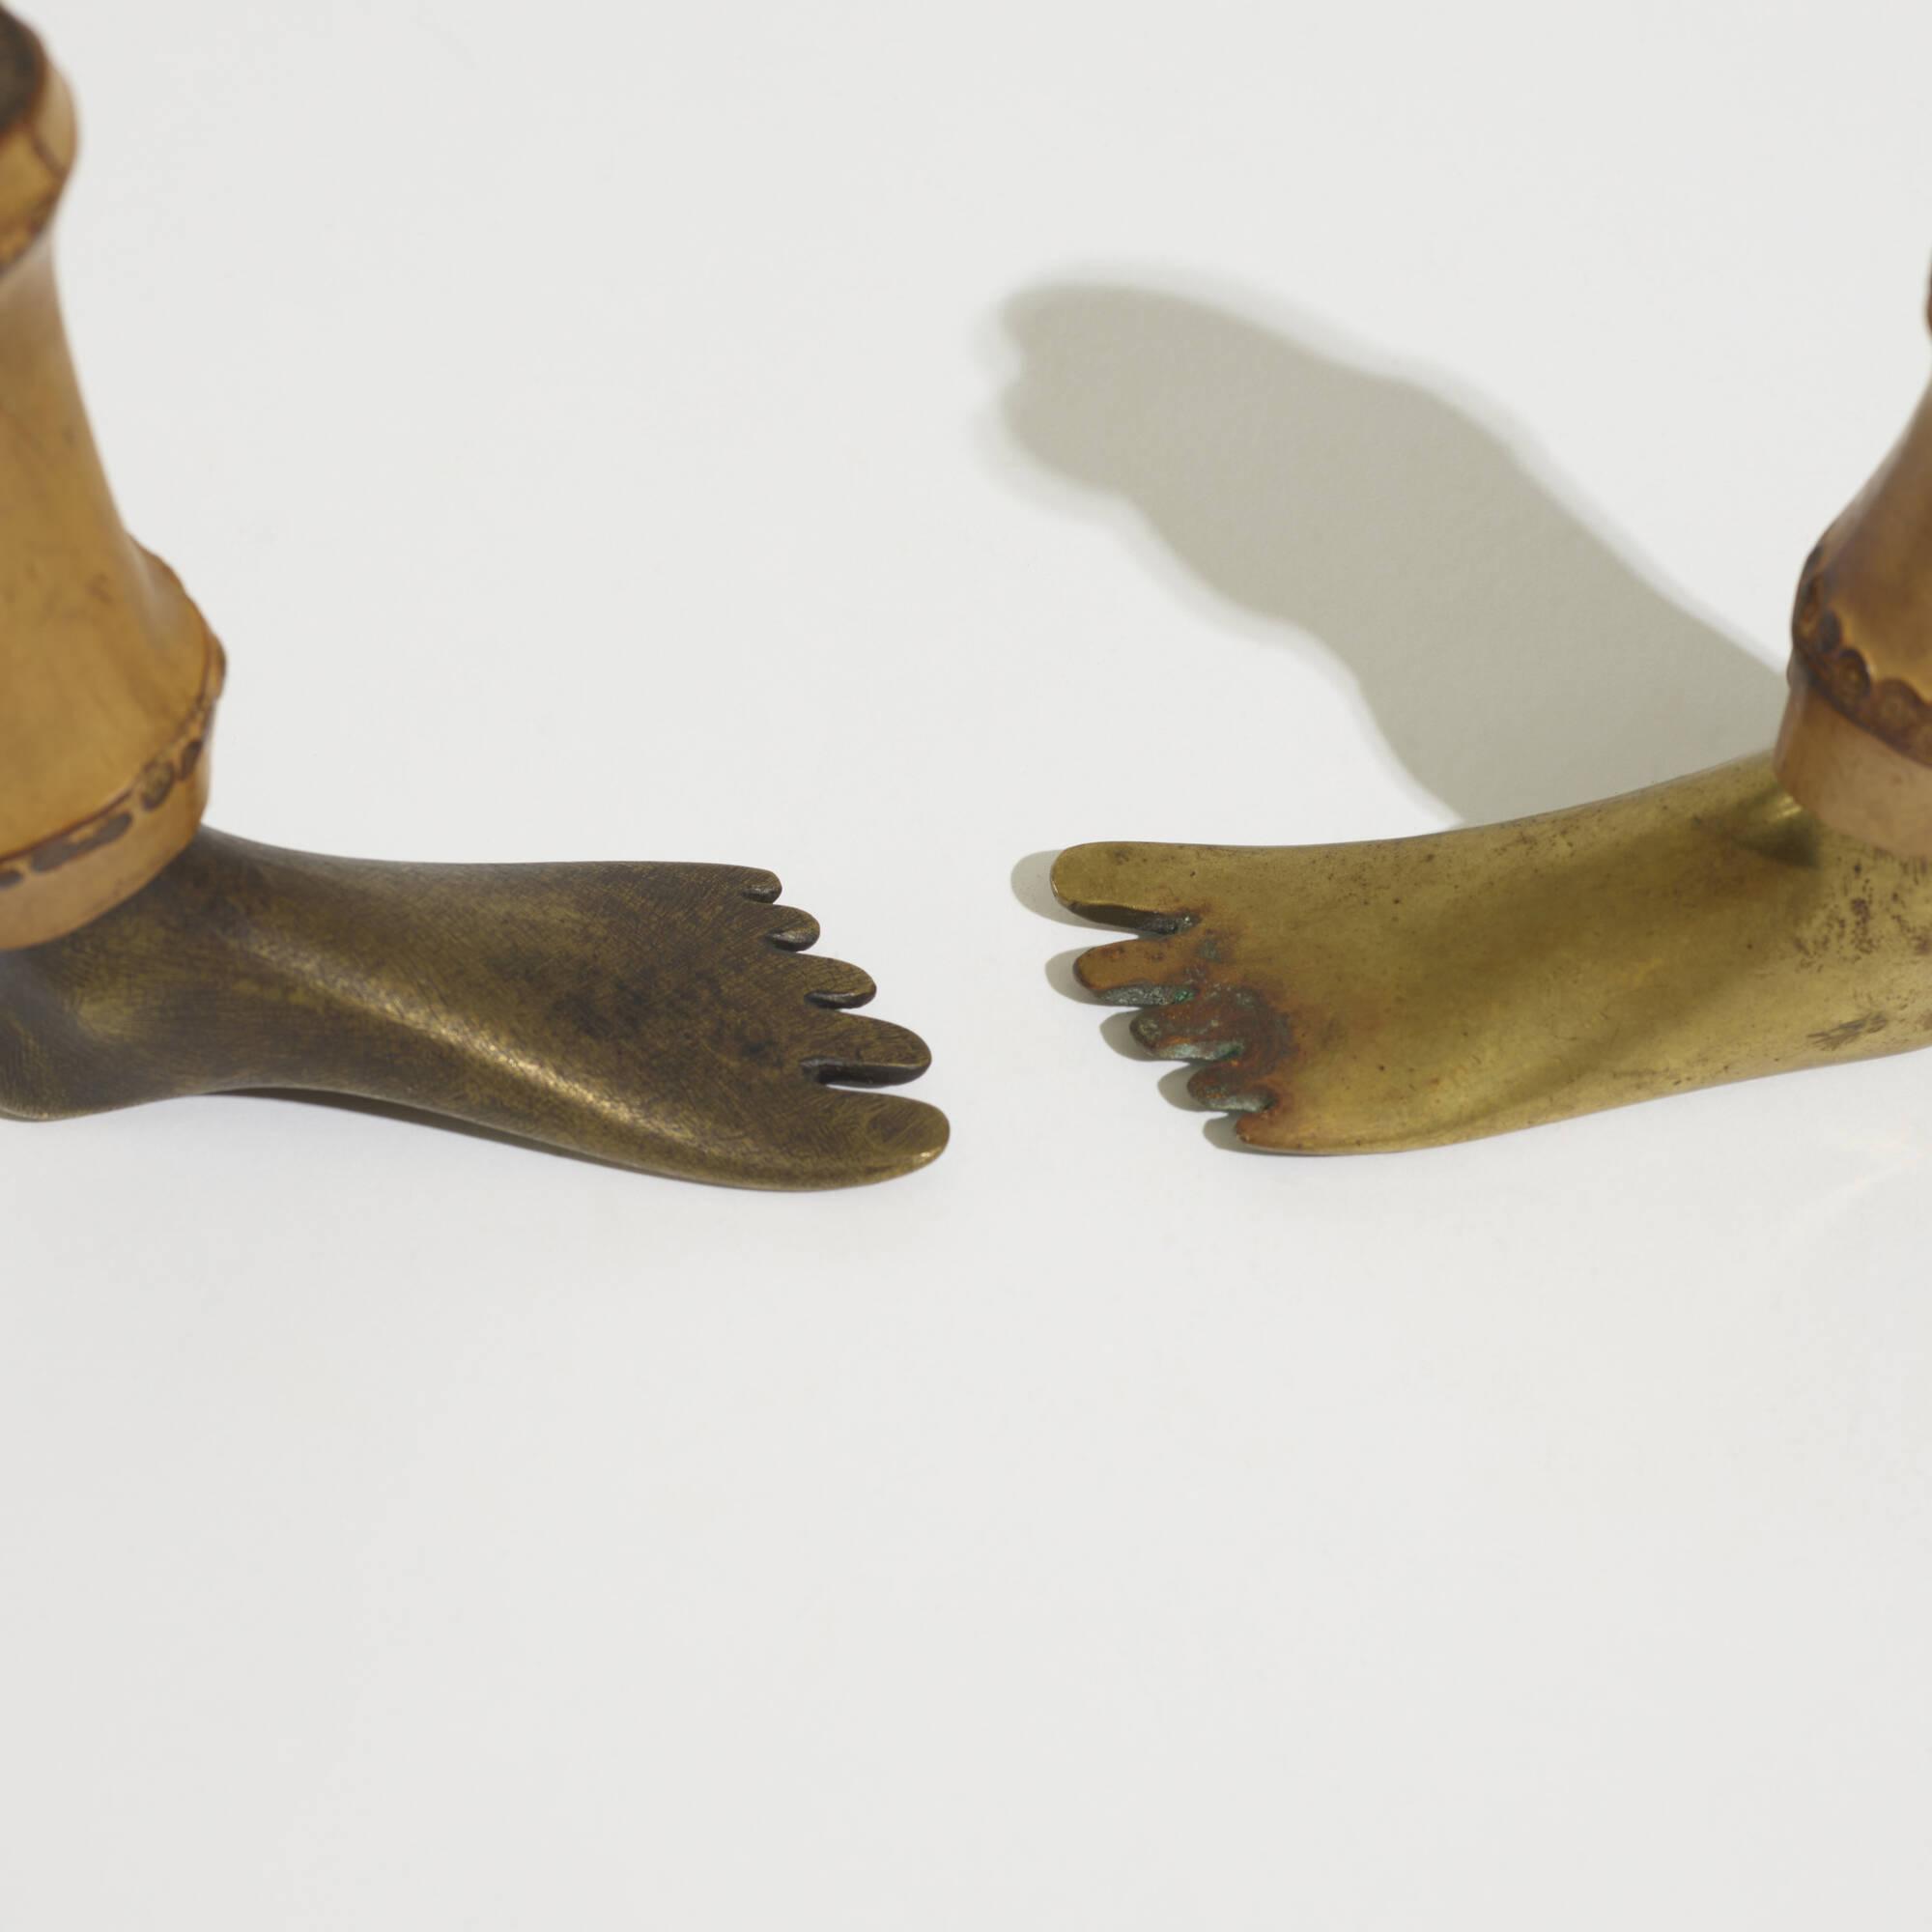 265: Carl Auböck II / corkscrews model 4273, pair (3 of 4)